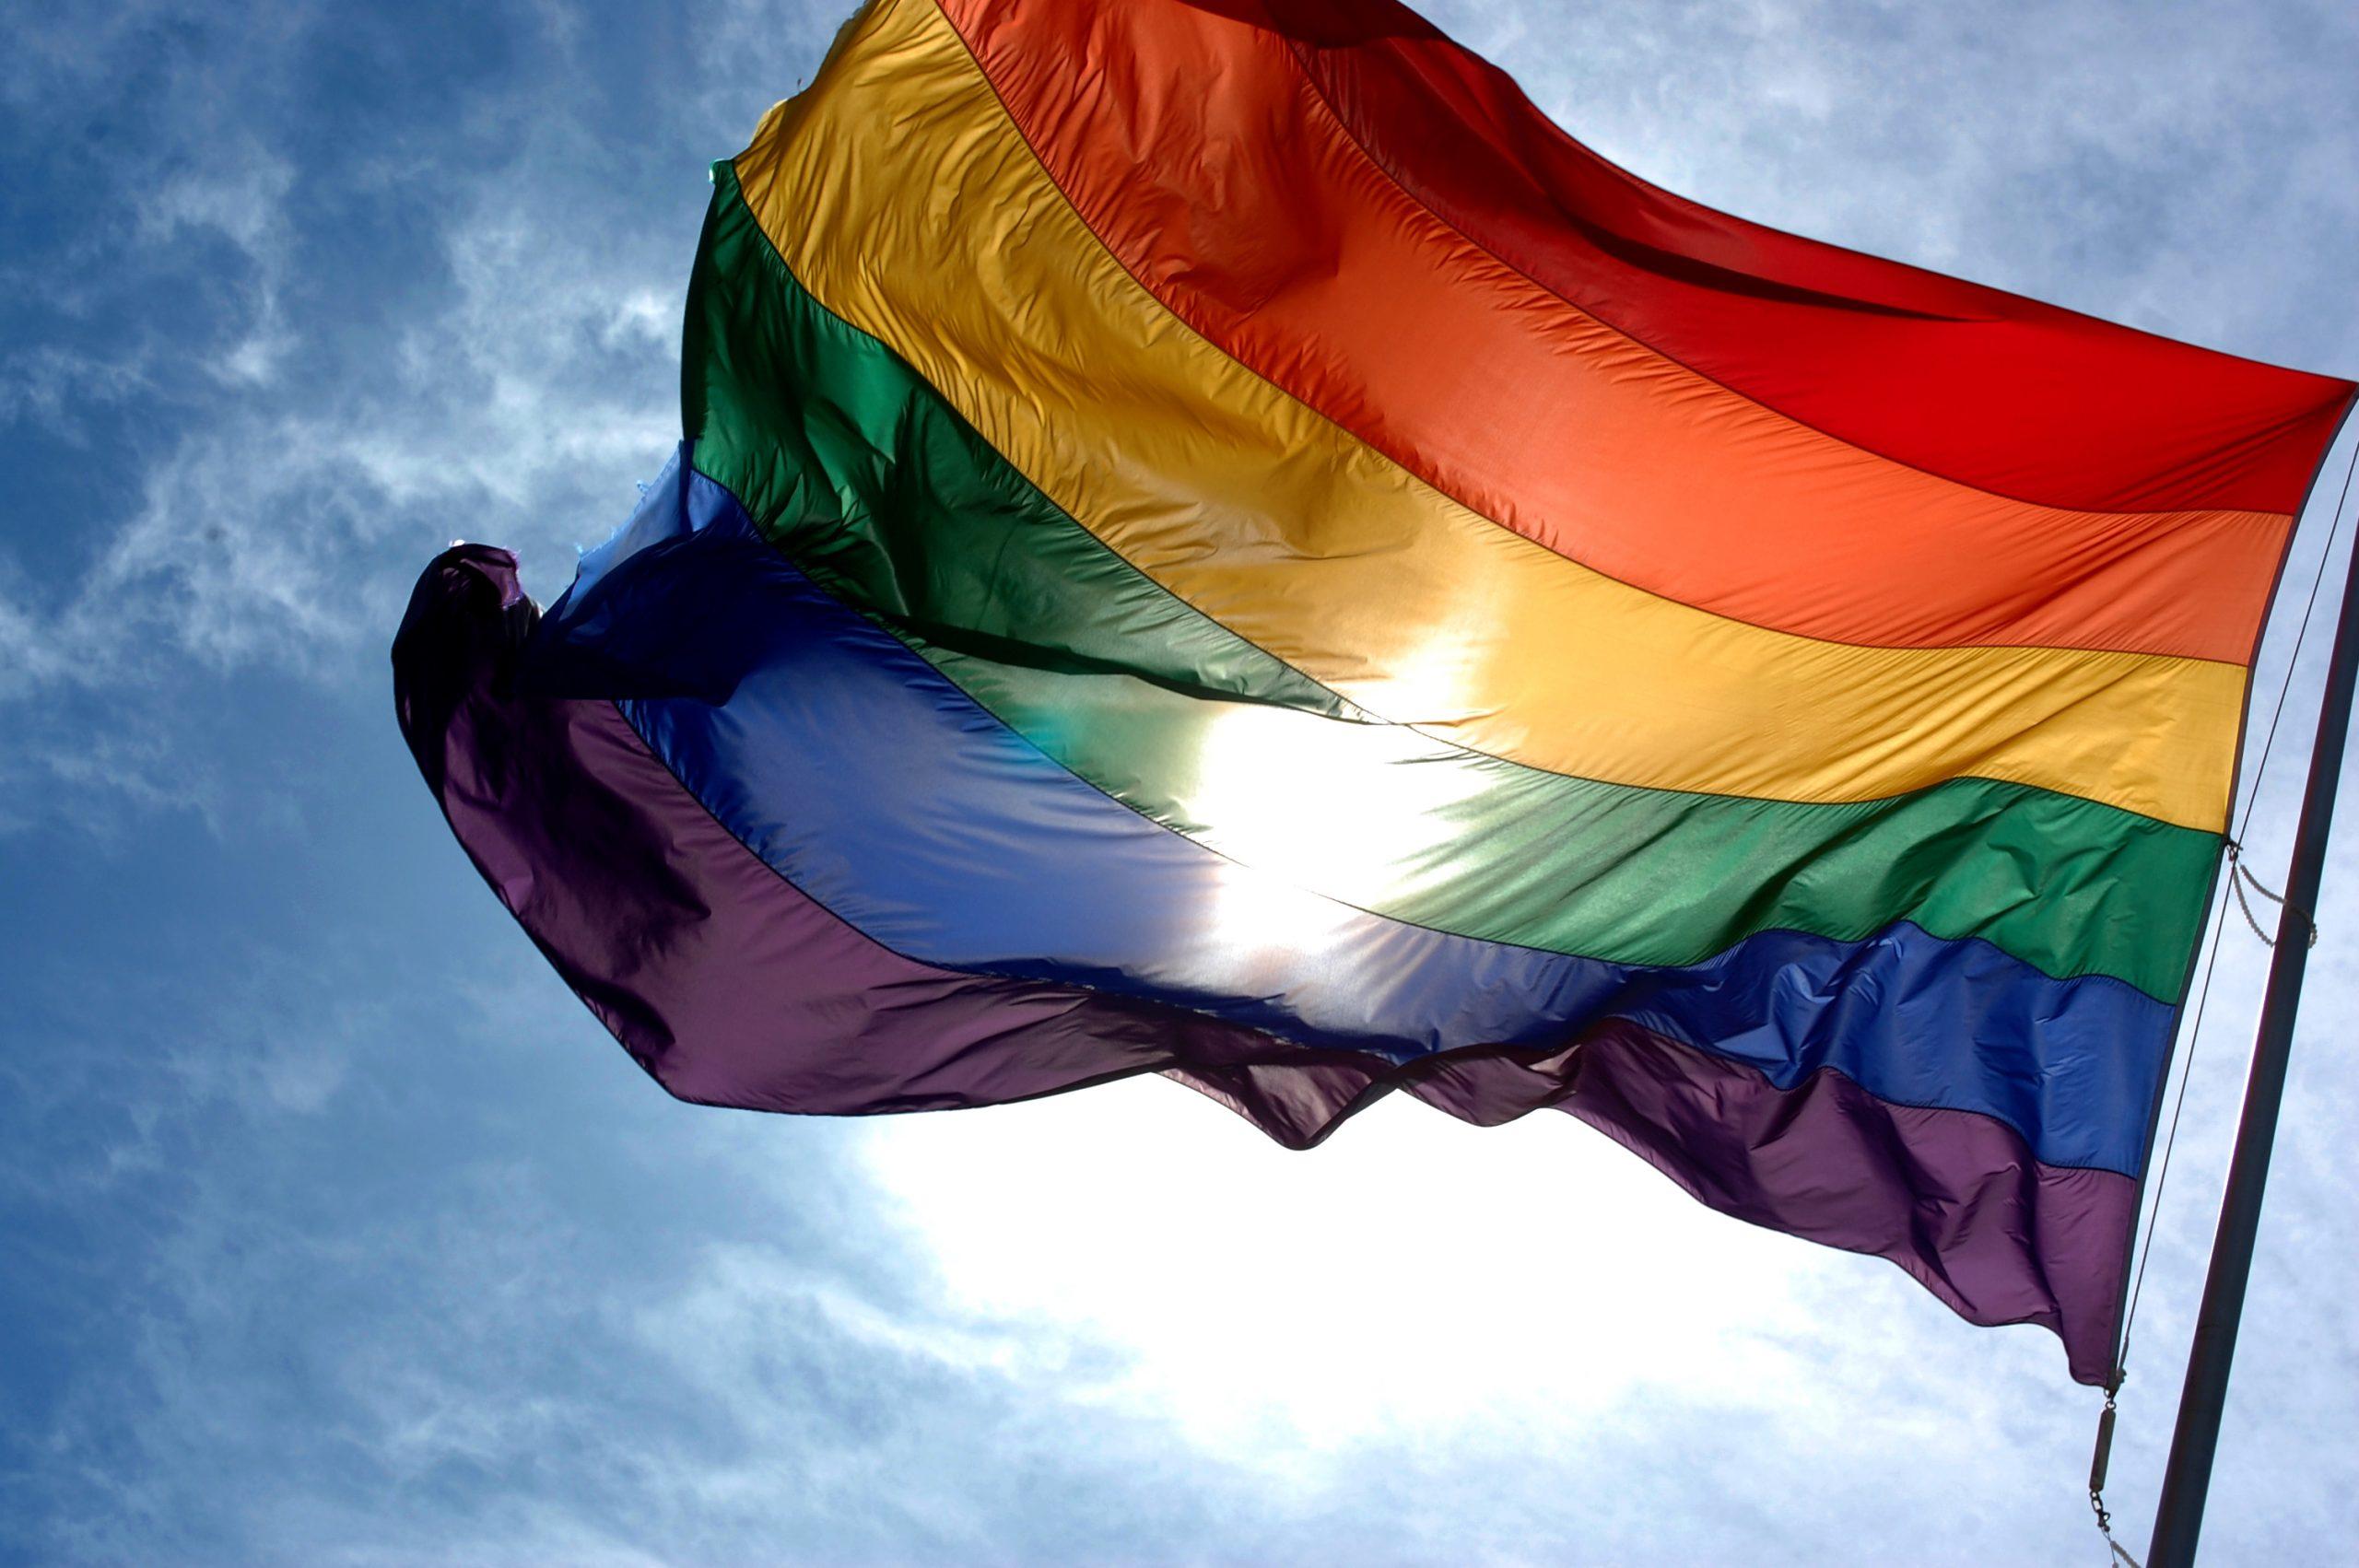 Campaña Arcoíris: 65 instituciones desplegarán bandera LGBTIQ+ en sus fachadas el 17 de mayo